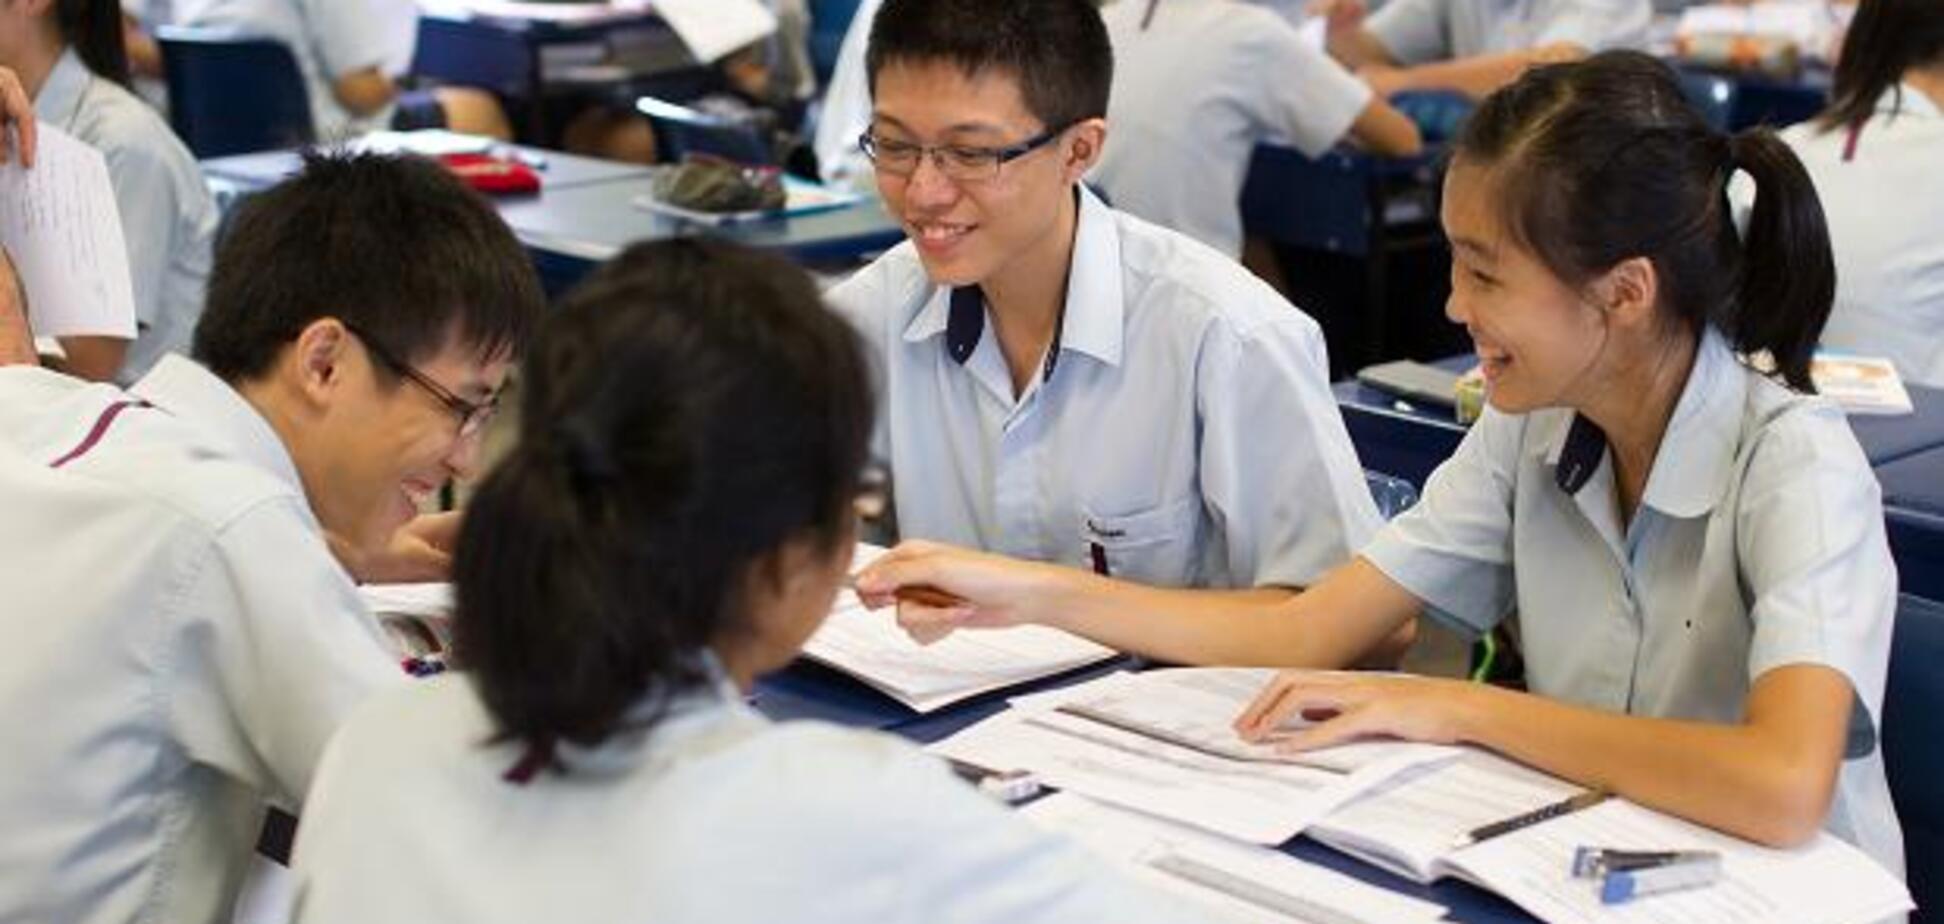 Сингапур обогнал в рейтинге Японию и Канаду